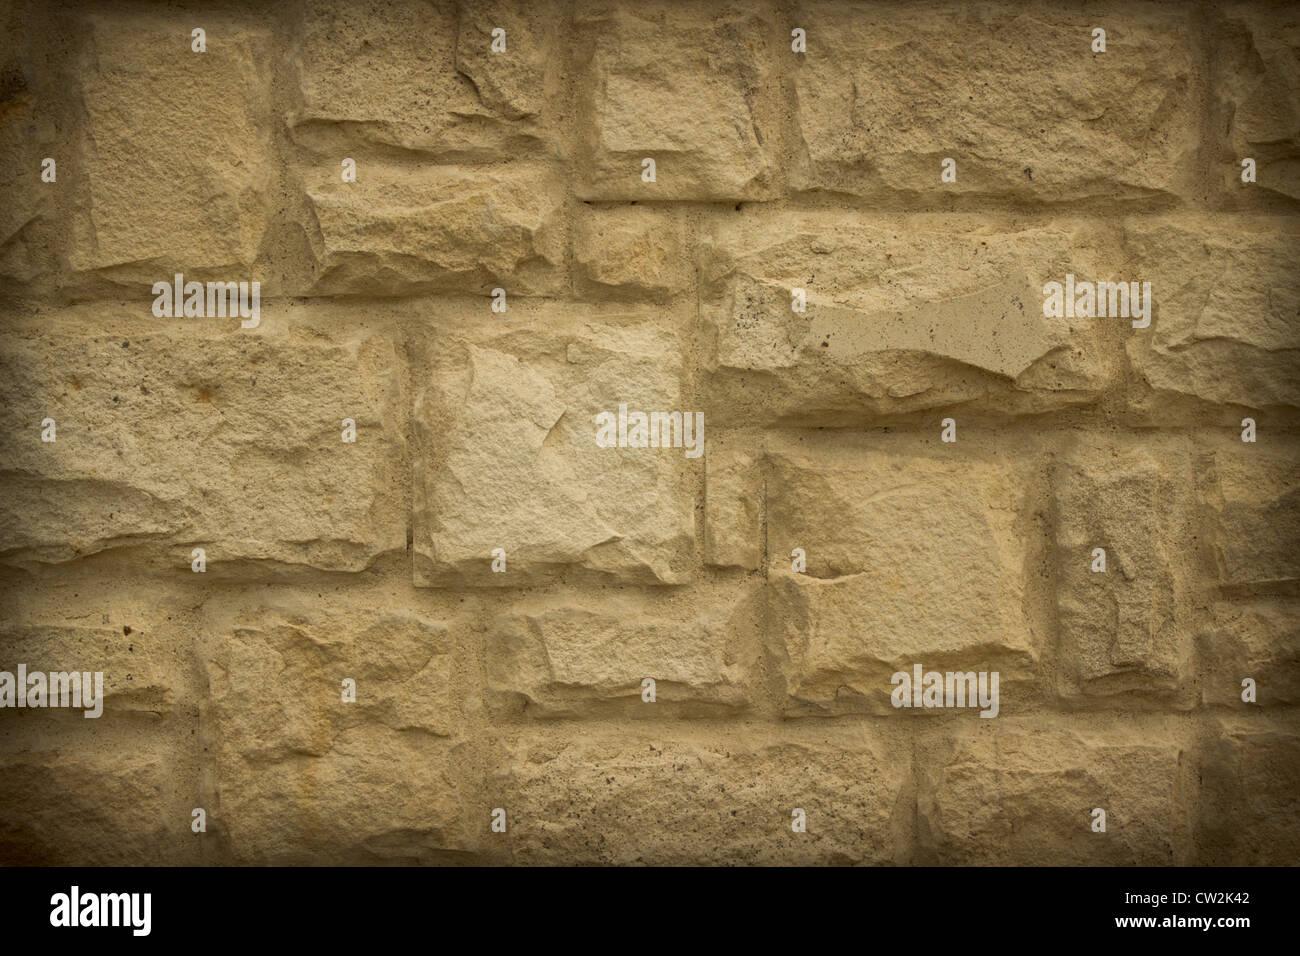 Antiguo muro de piedra puede usar como fondo de textura agradable Imagen De Stock